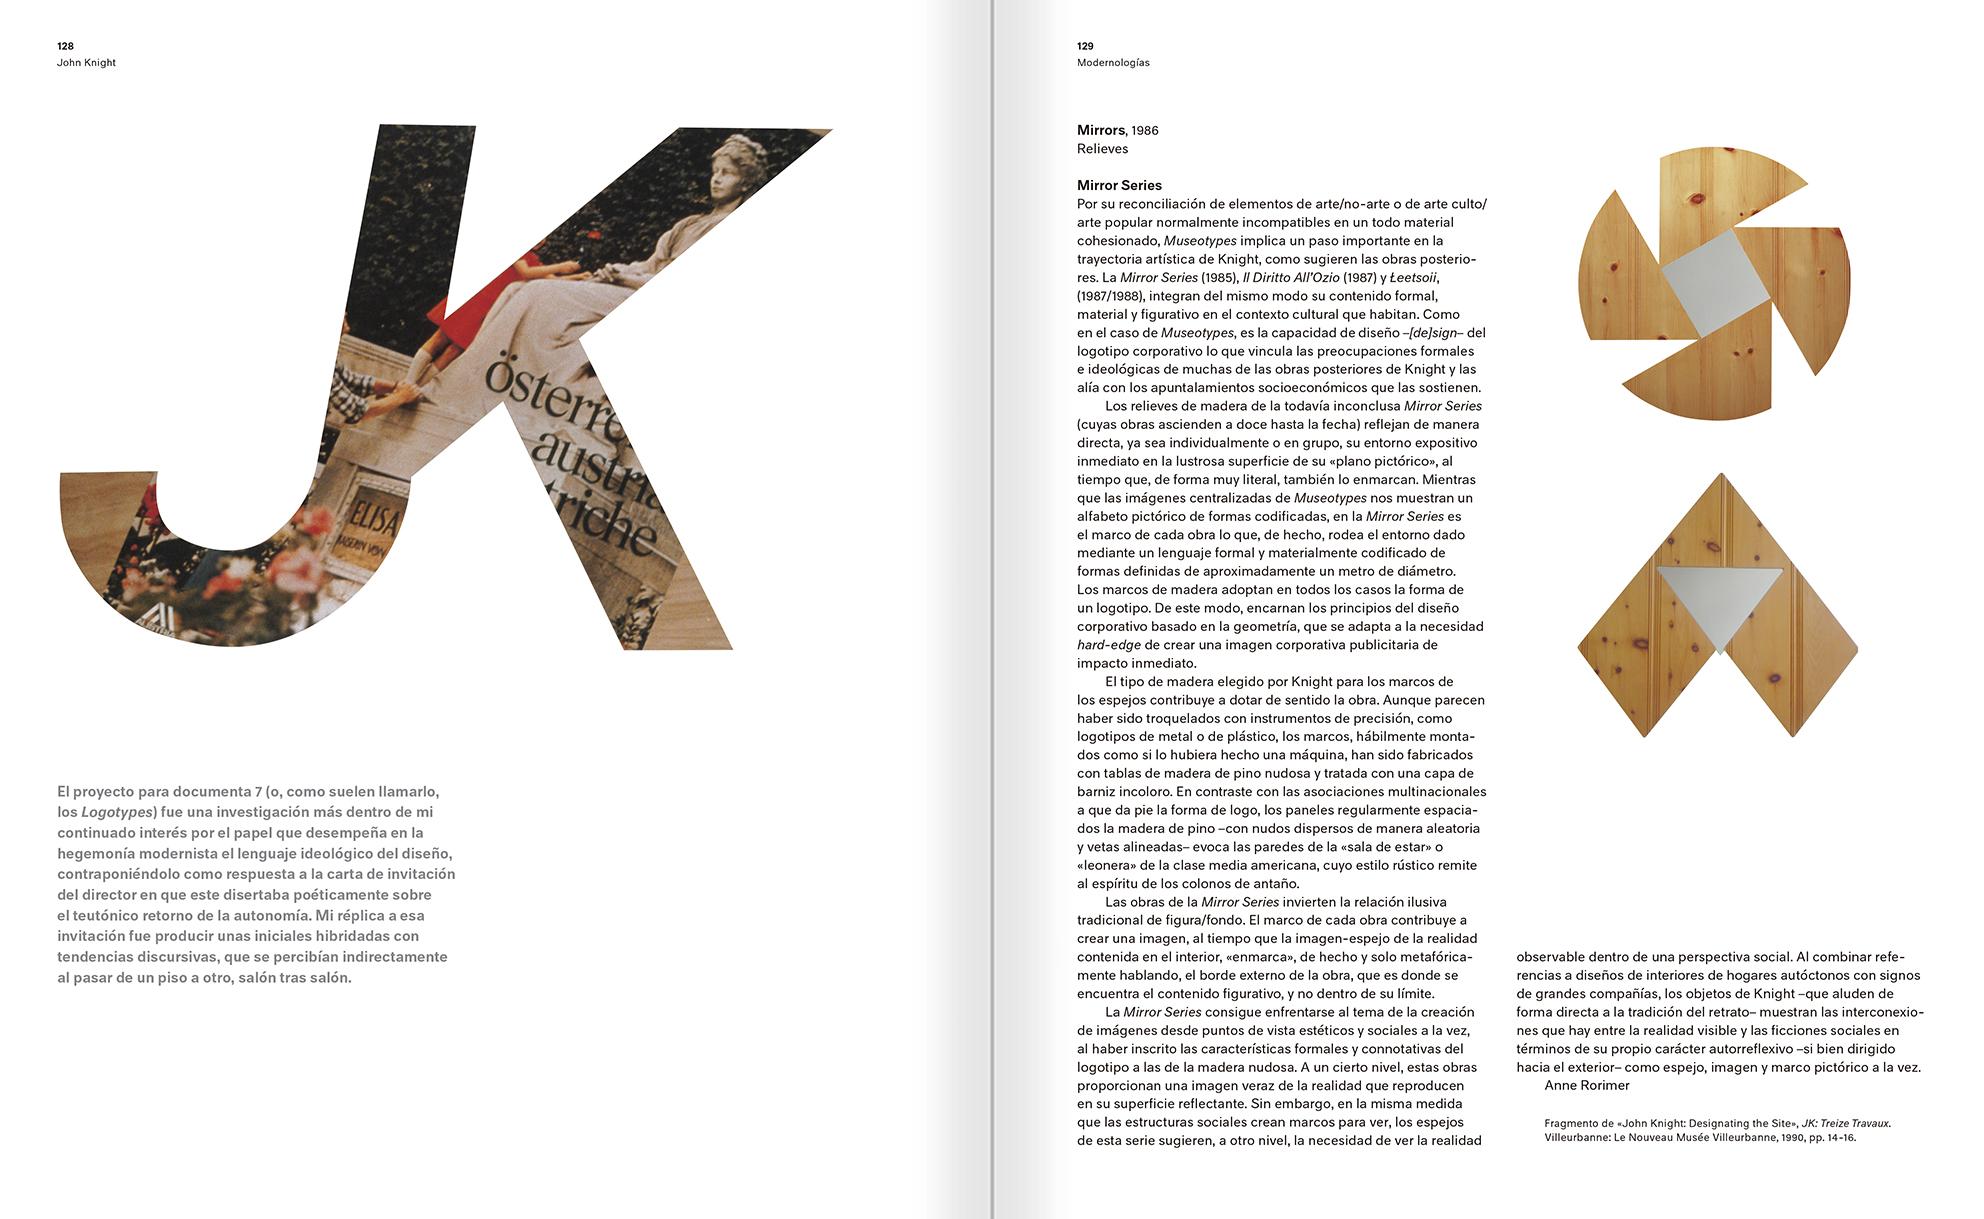 """Selección del catálogo """"Modernologías. Artistas contemporáneos investigan la modernidad y el modernismo"""" páginas 128 y 129"""